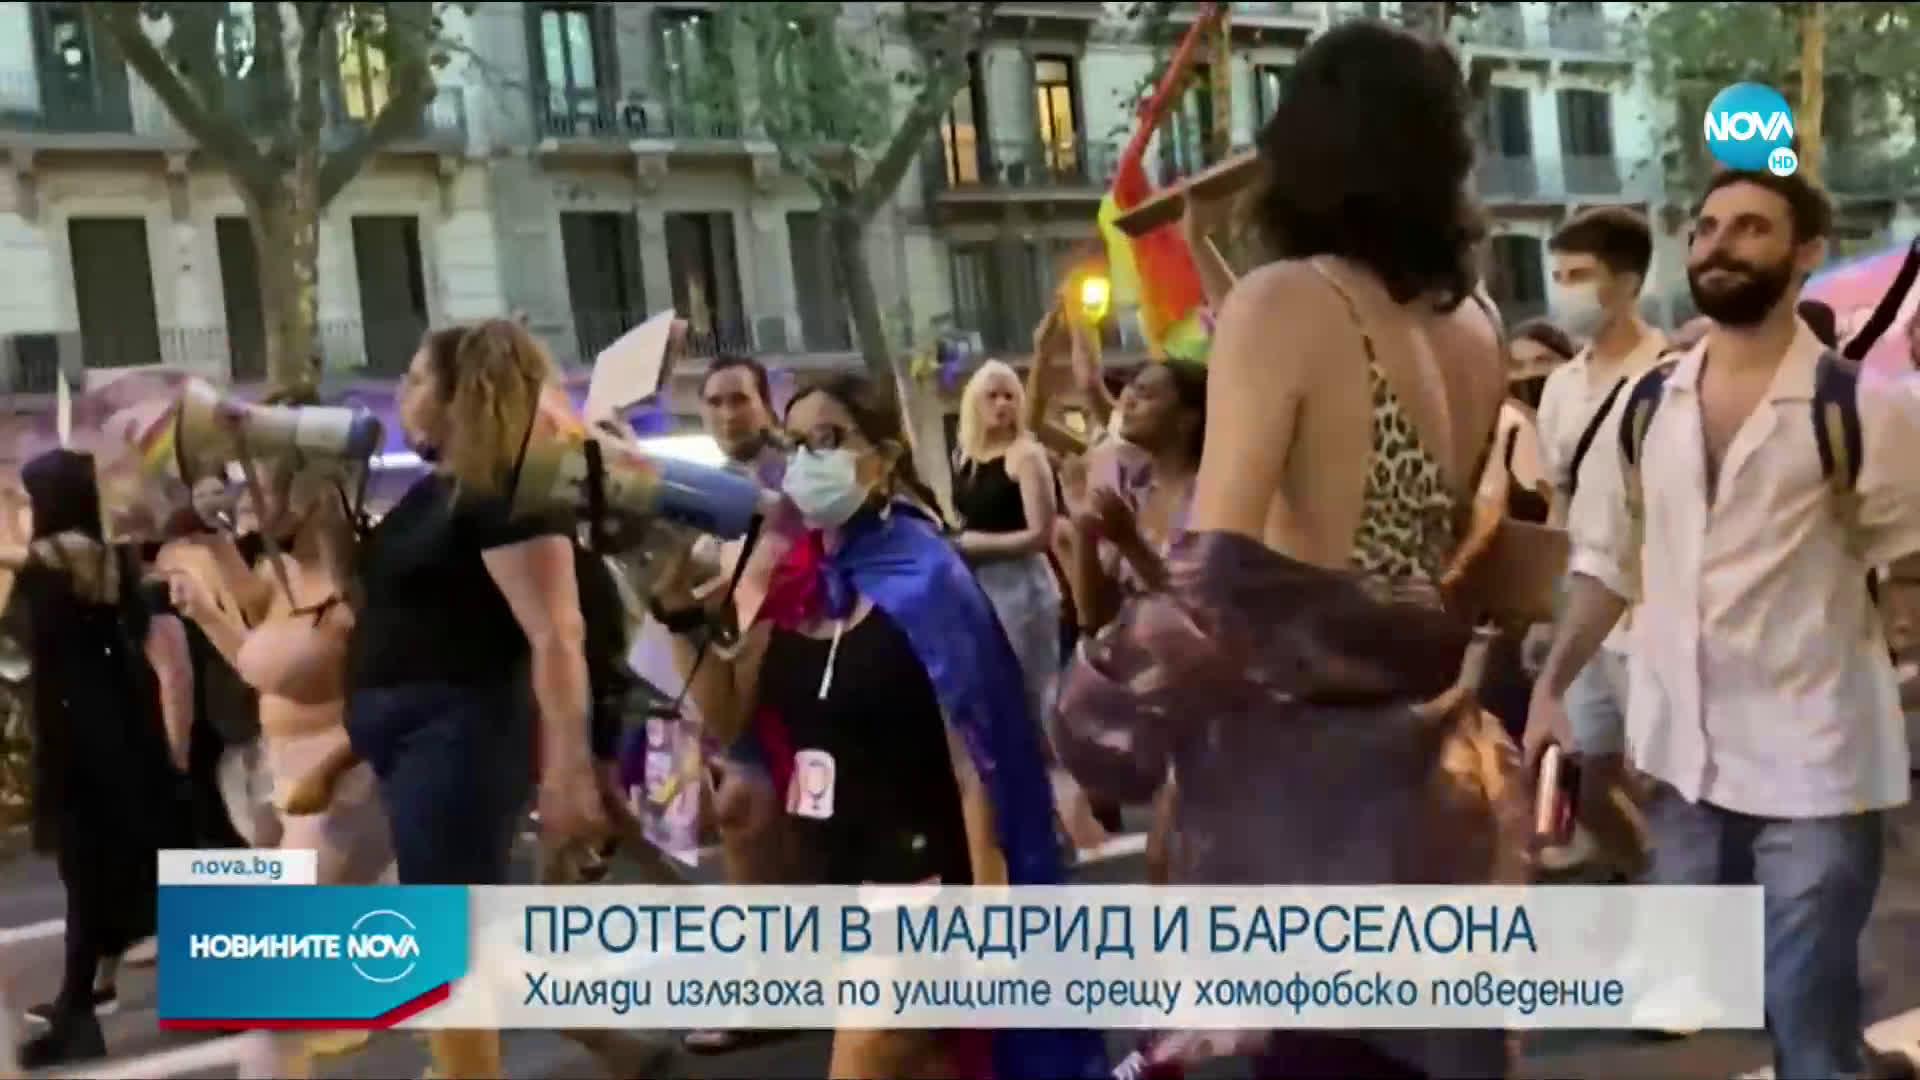 Протести в Испания срещу хомофобско нападение